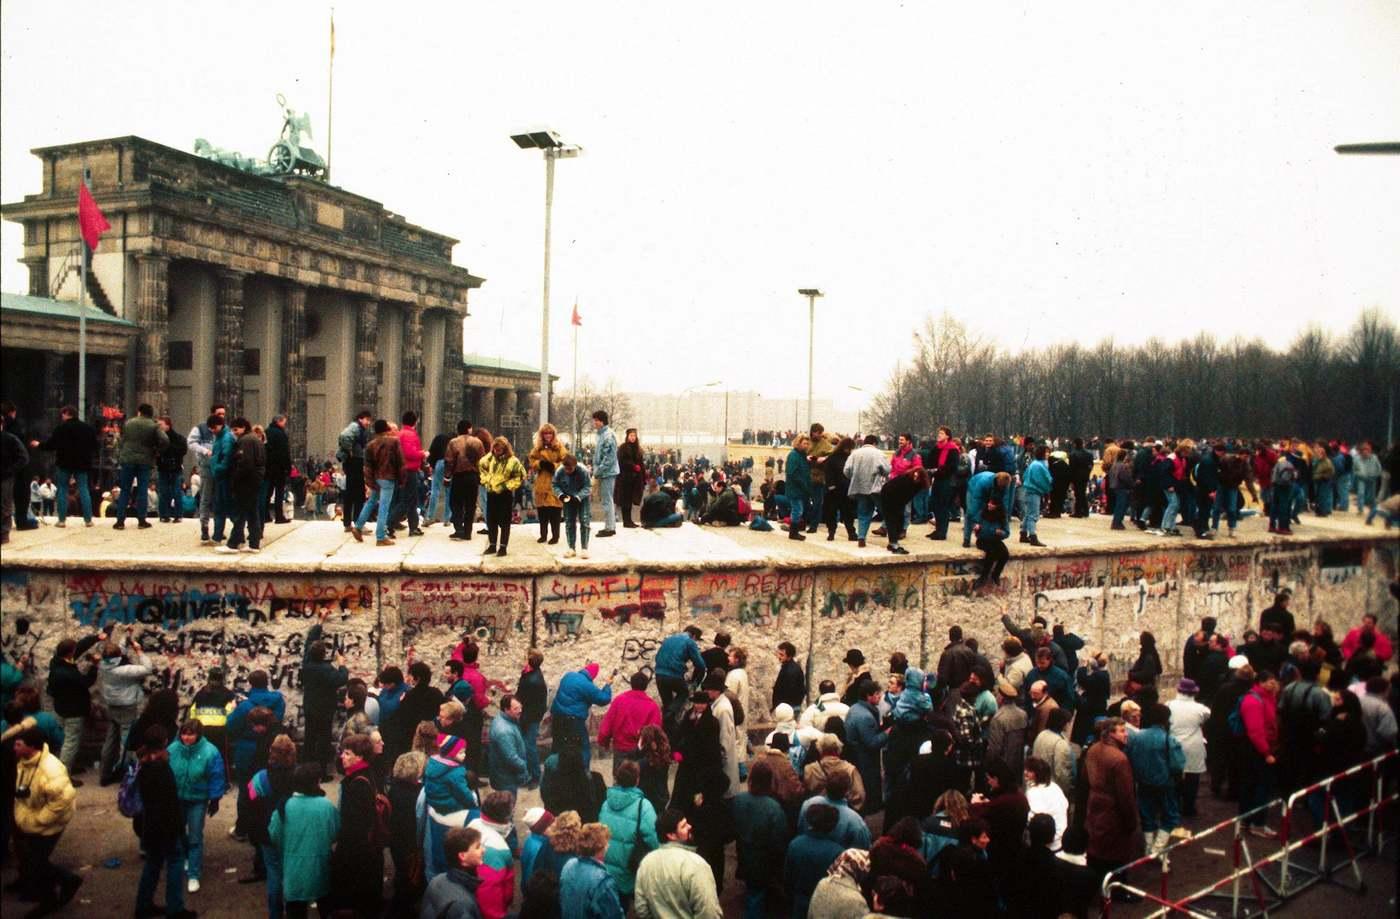 A Brandenburgi kapunál 1989. november 10-én emberek százai mászták meg a berlini falat. Az emlékművet elkerítő falszakaszt végül 1989. december 22-én nyitották meg.